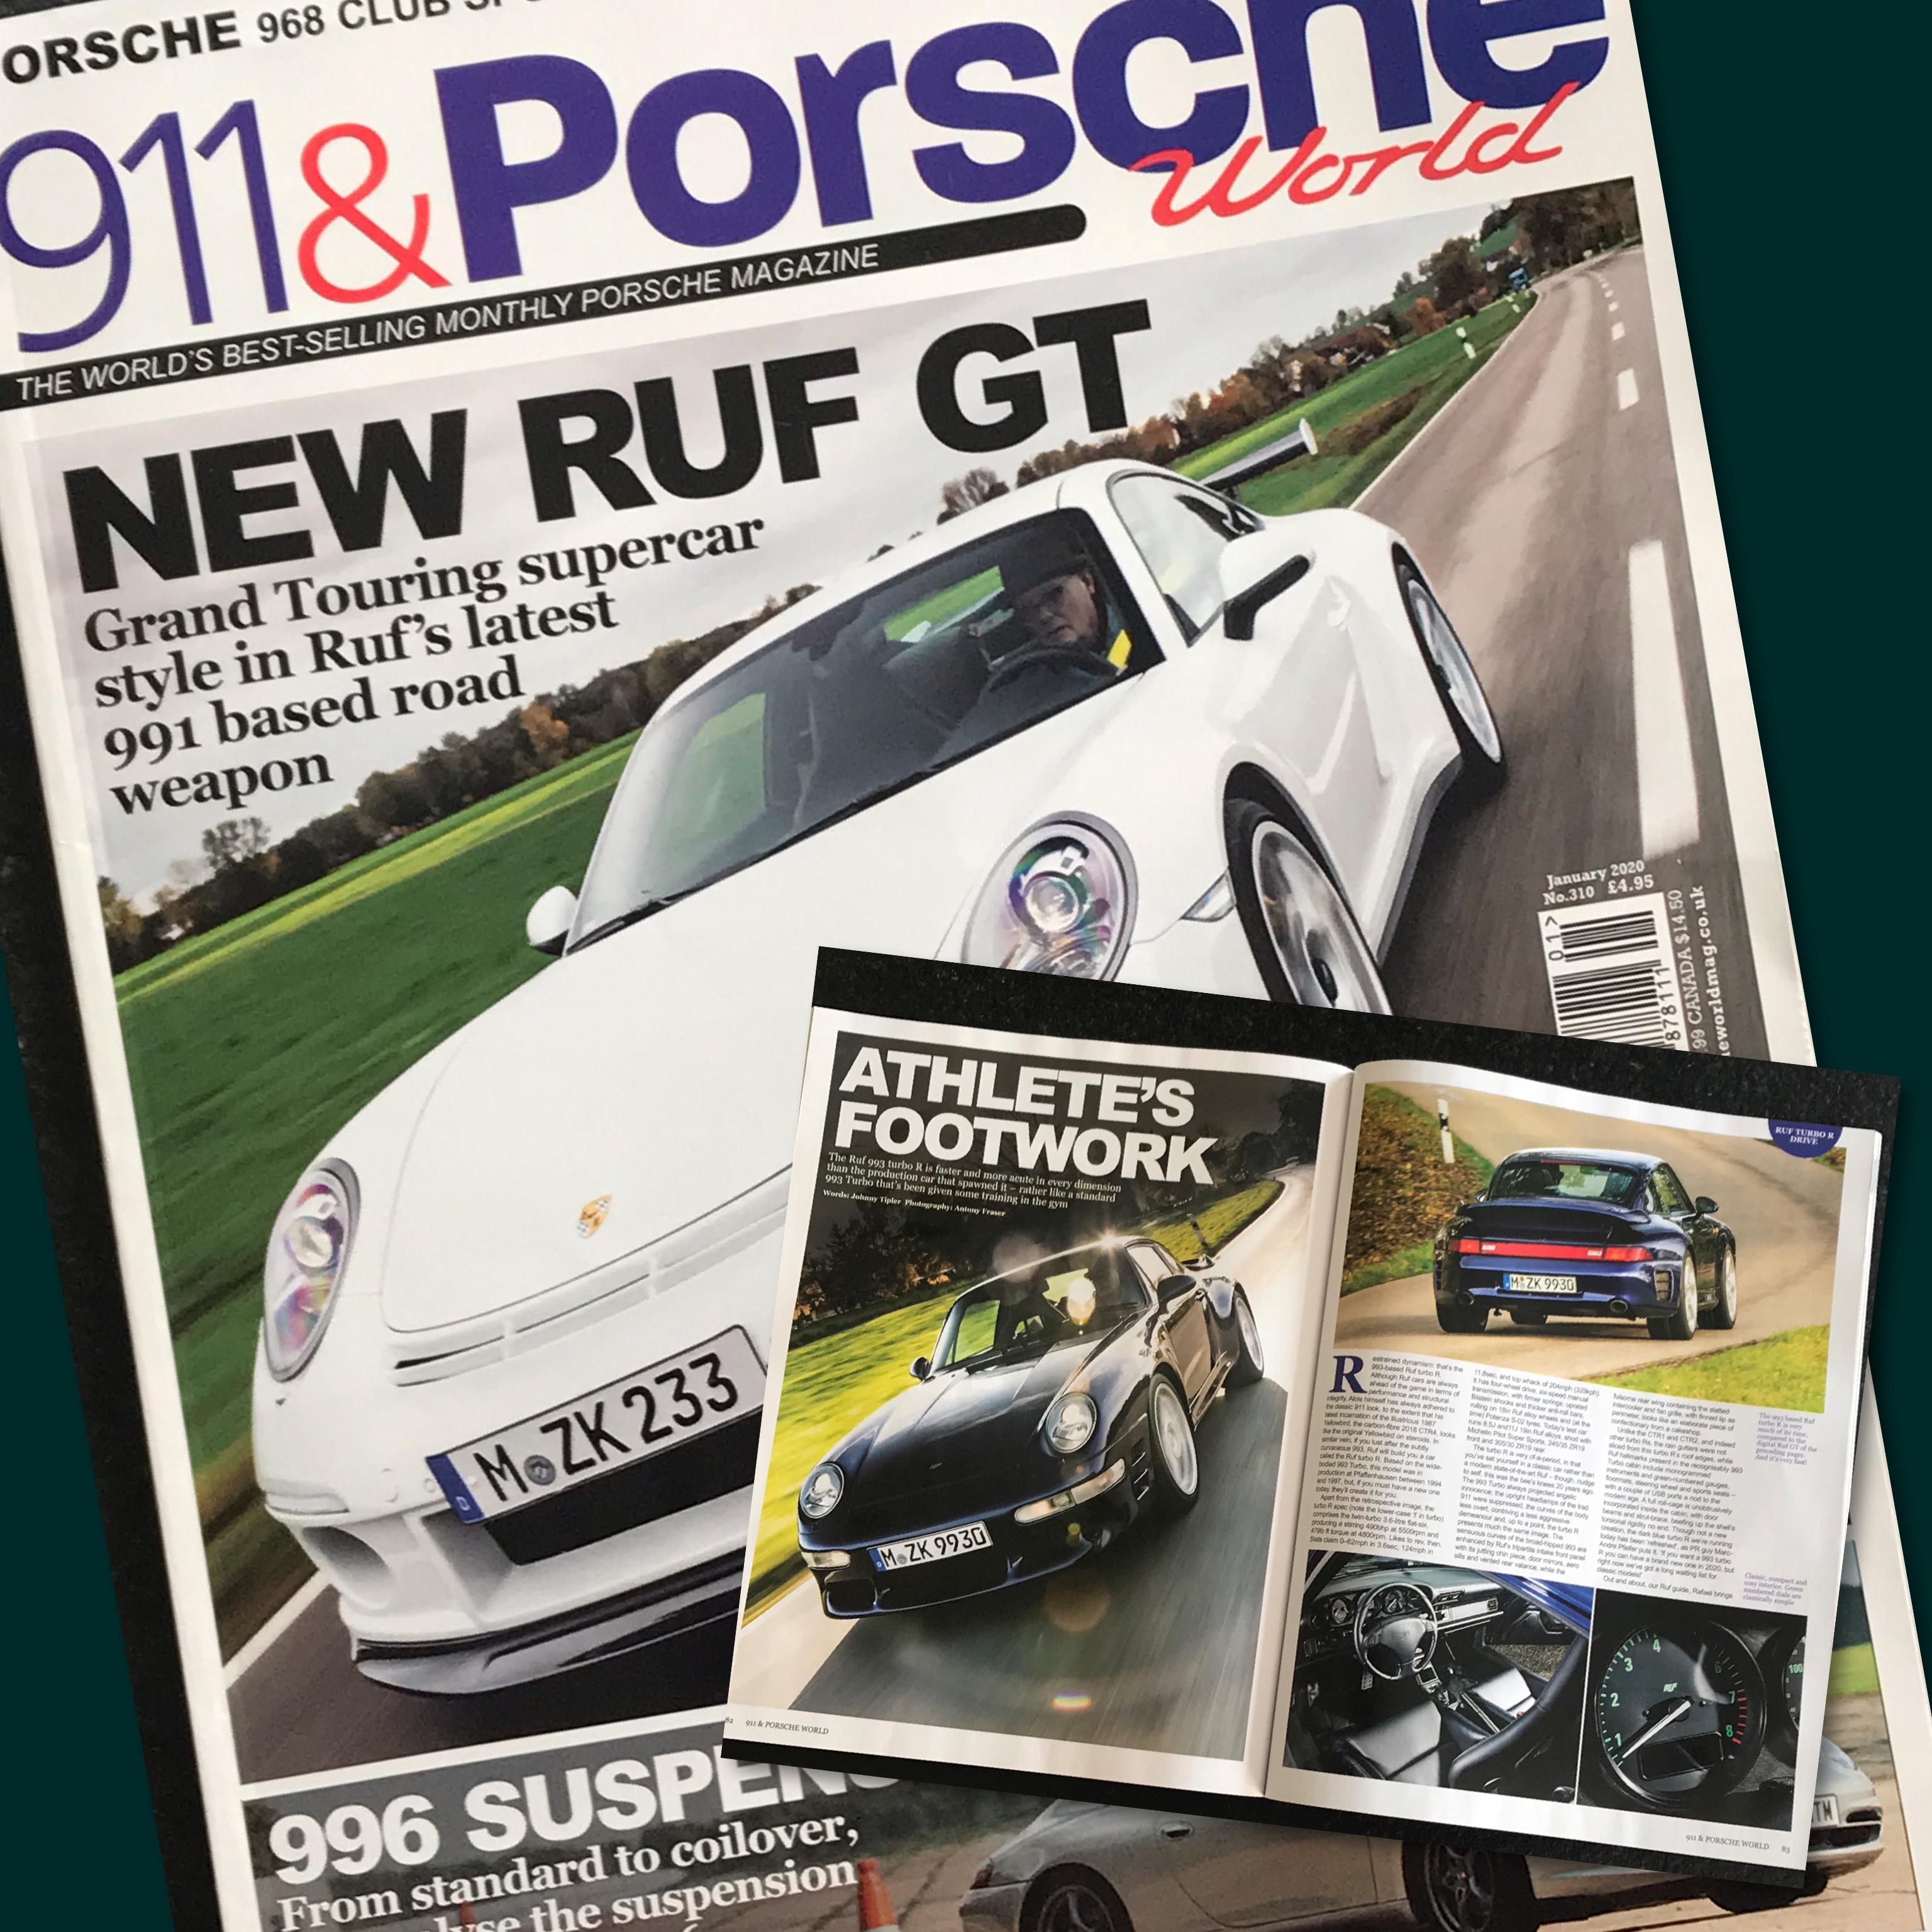 911 & Porsche World - Jan 2020